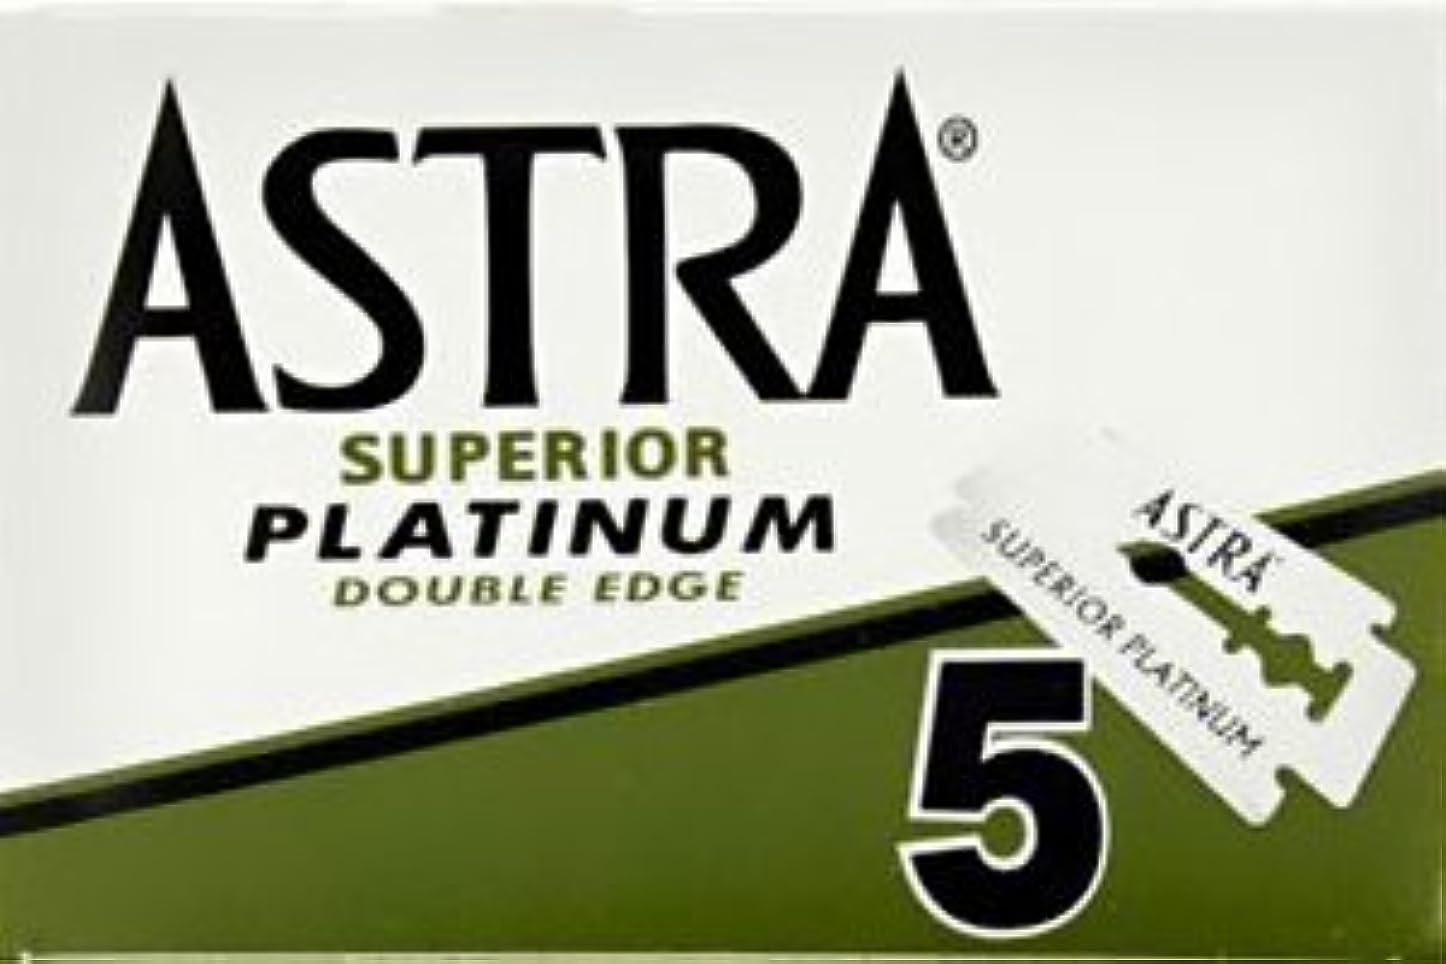 スペクトラム去るタイムリーなASTRA Superior Platinum 両刃替刃 5枚入り(5枚入り1 個セット)【並行輸入品】